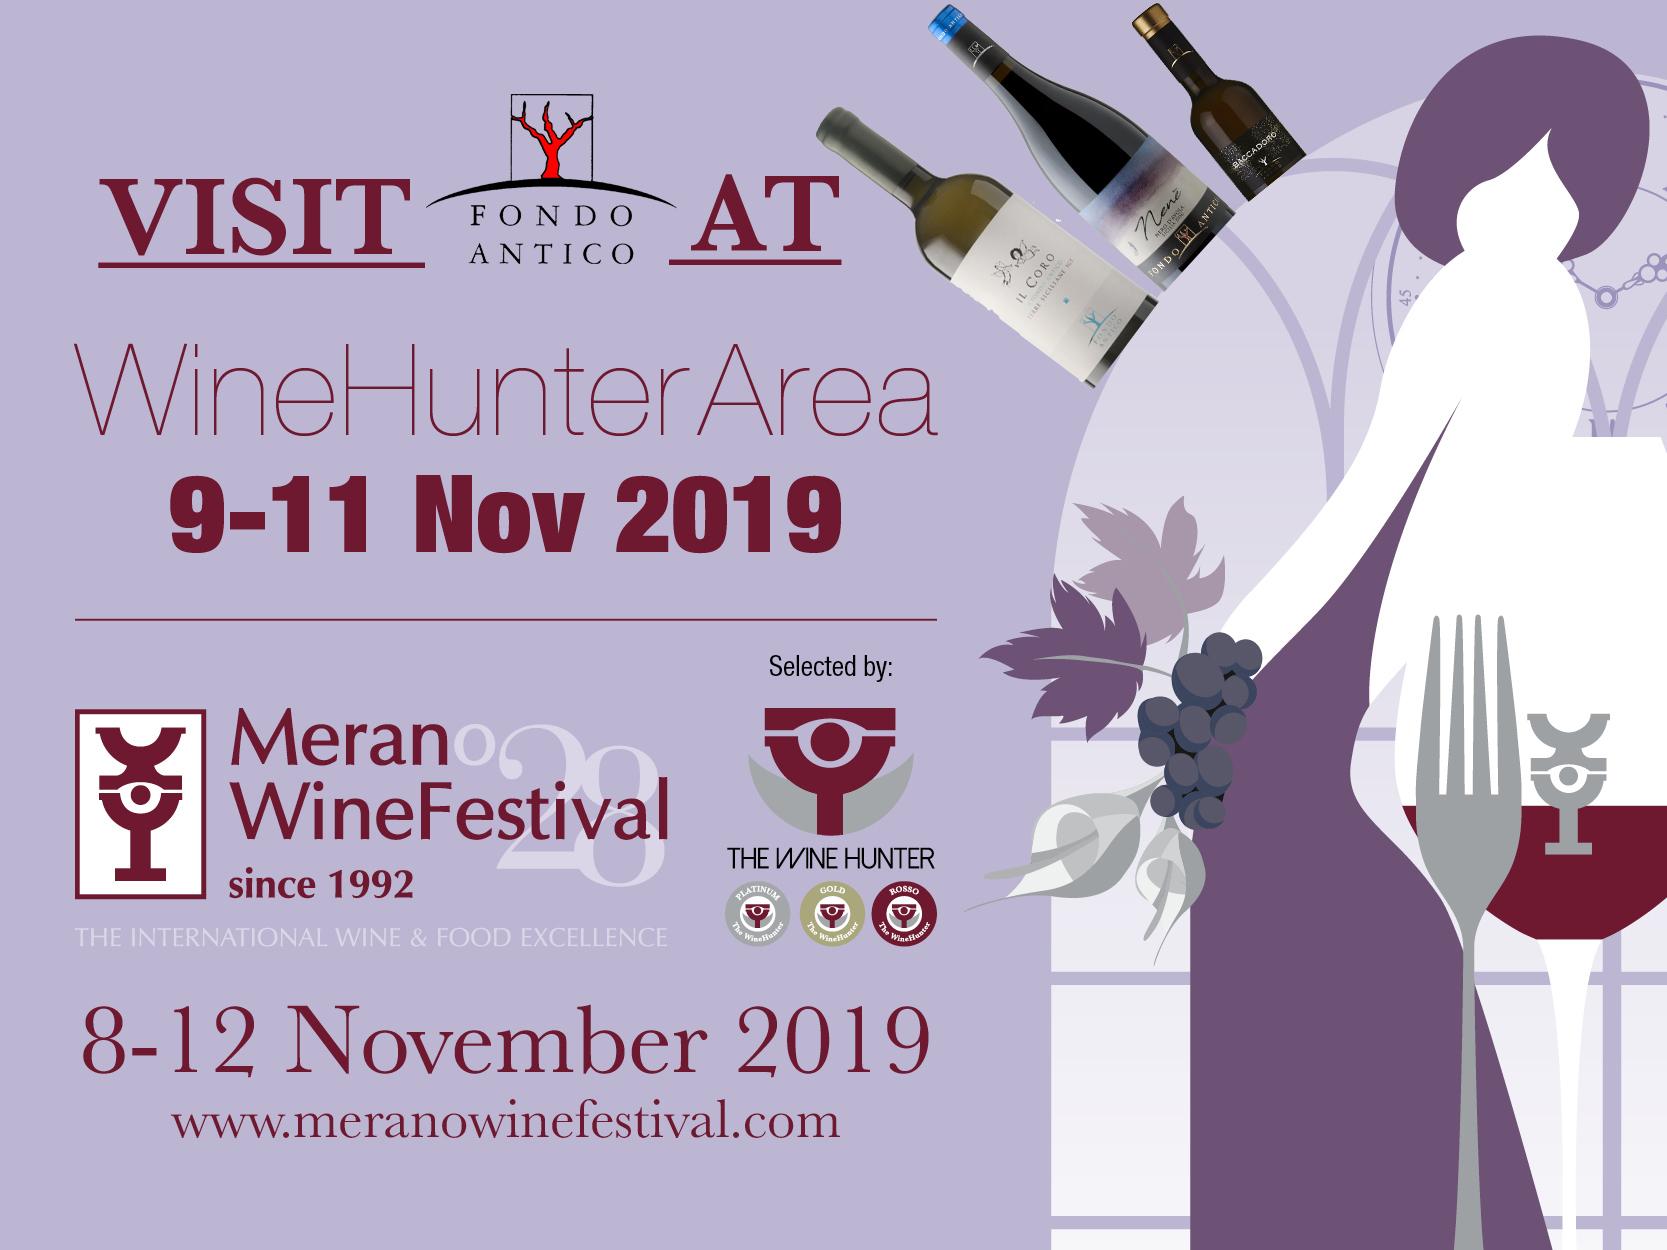 Merano Wine Festival | 9-11 November 2019